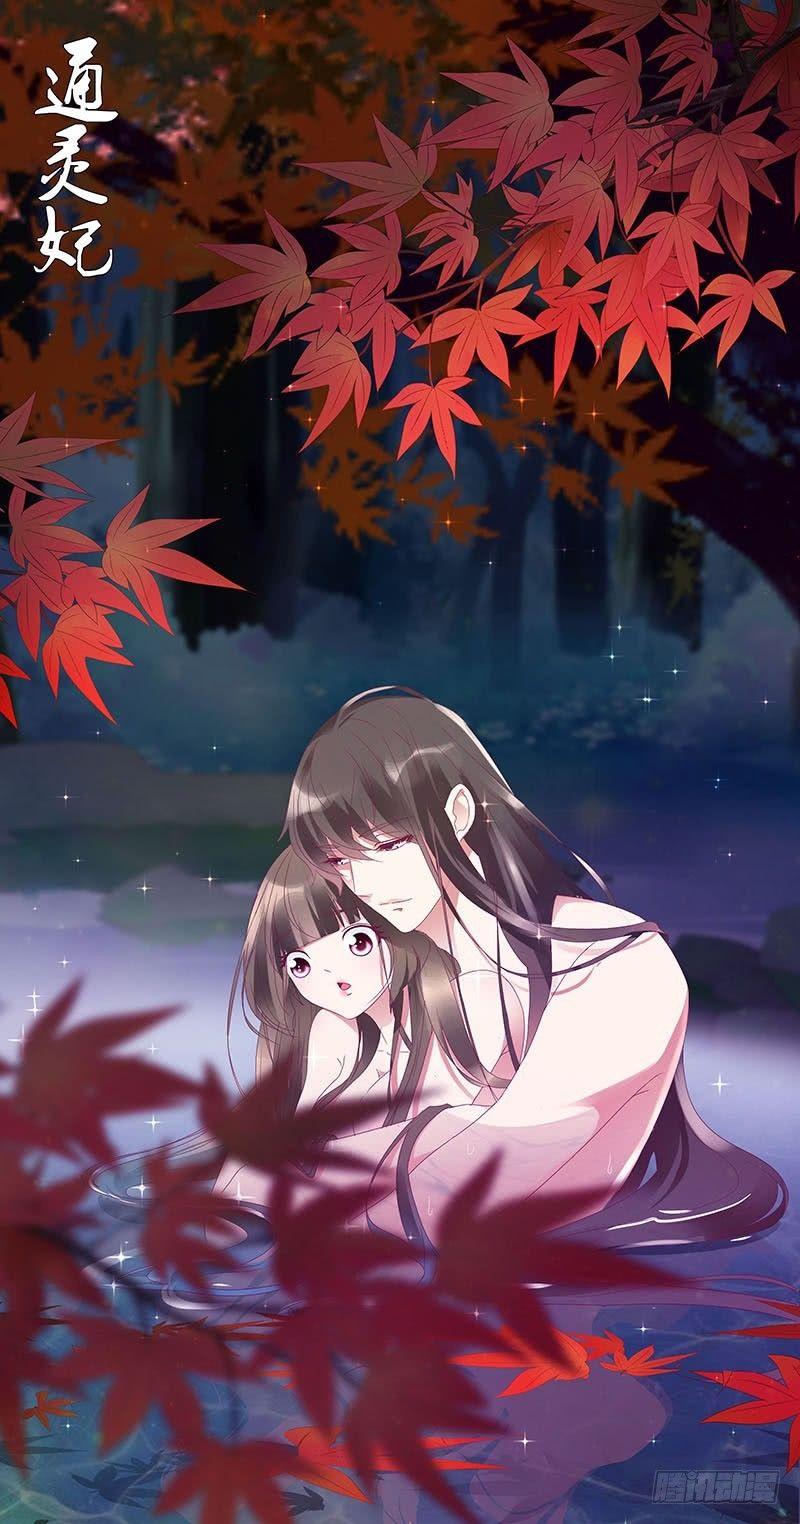 Pin de Nguyen Thi Diem My em Thông Linh Phi Casal anime